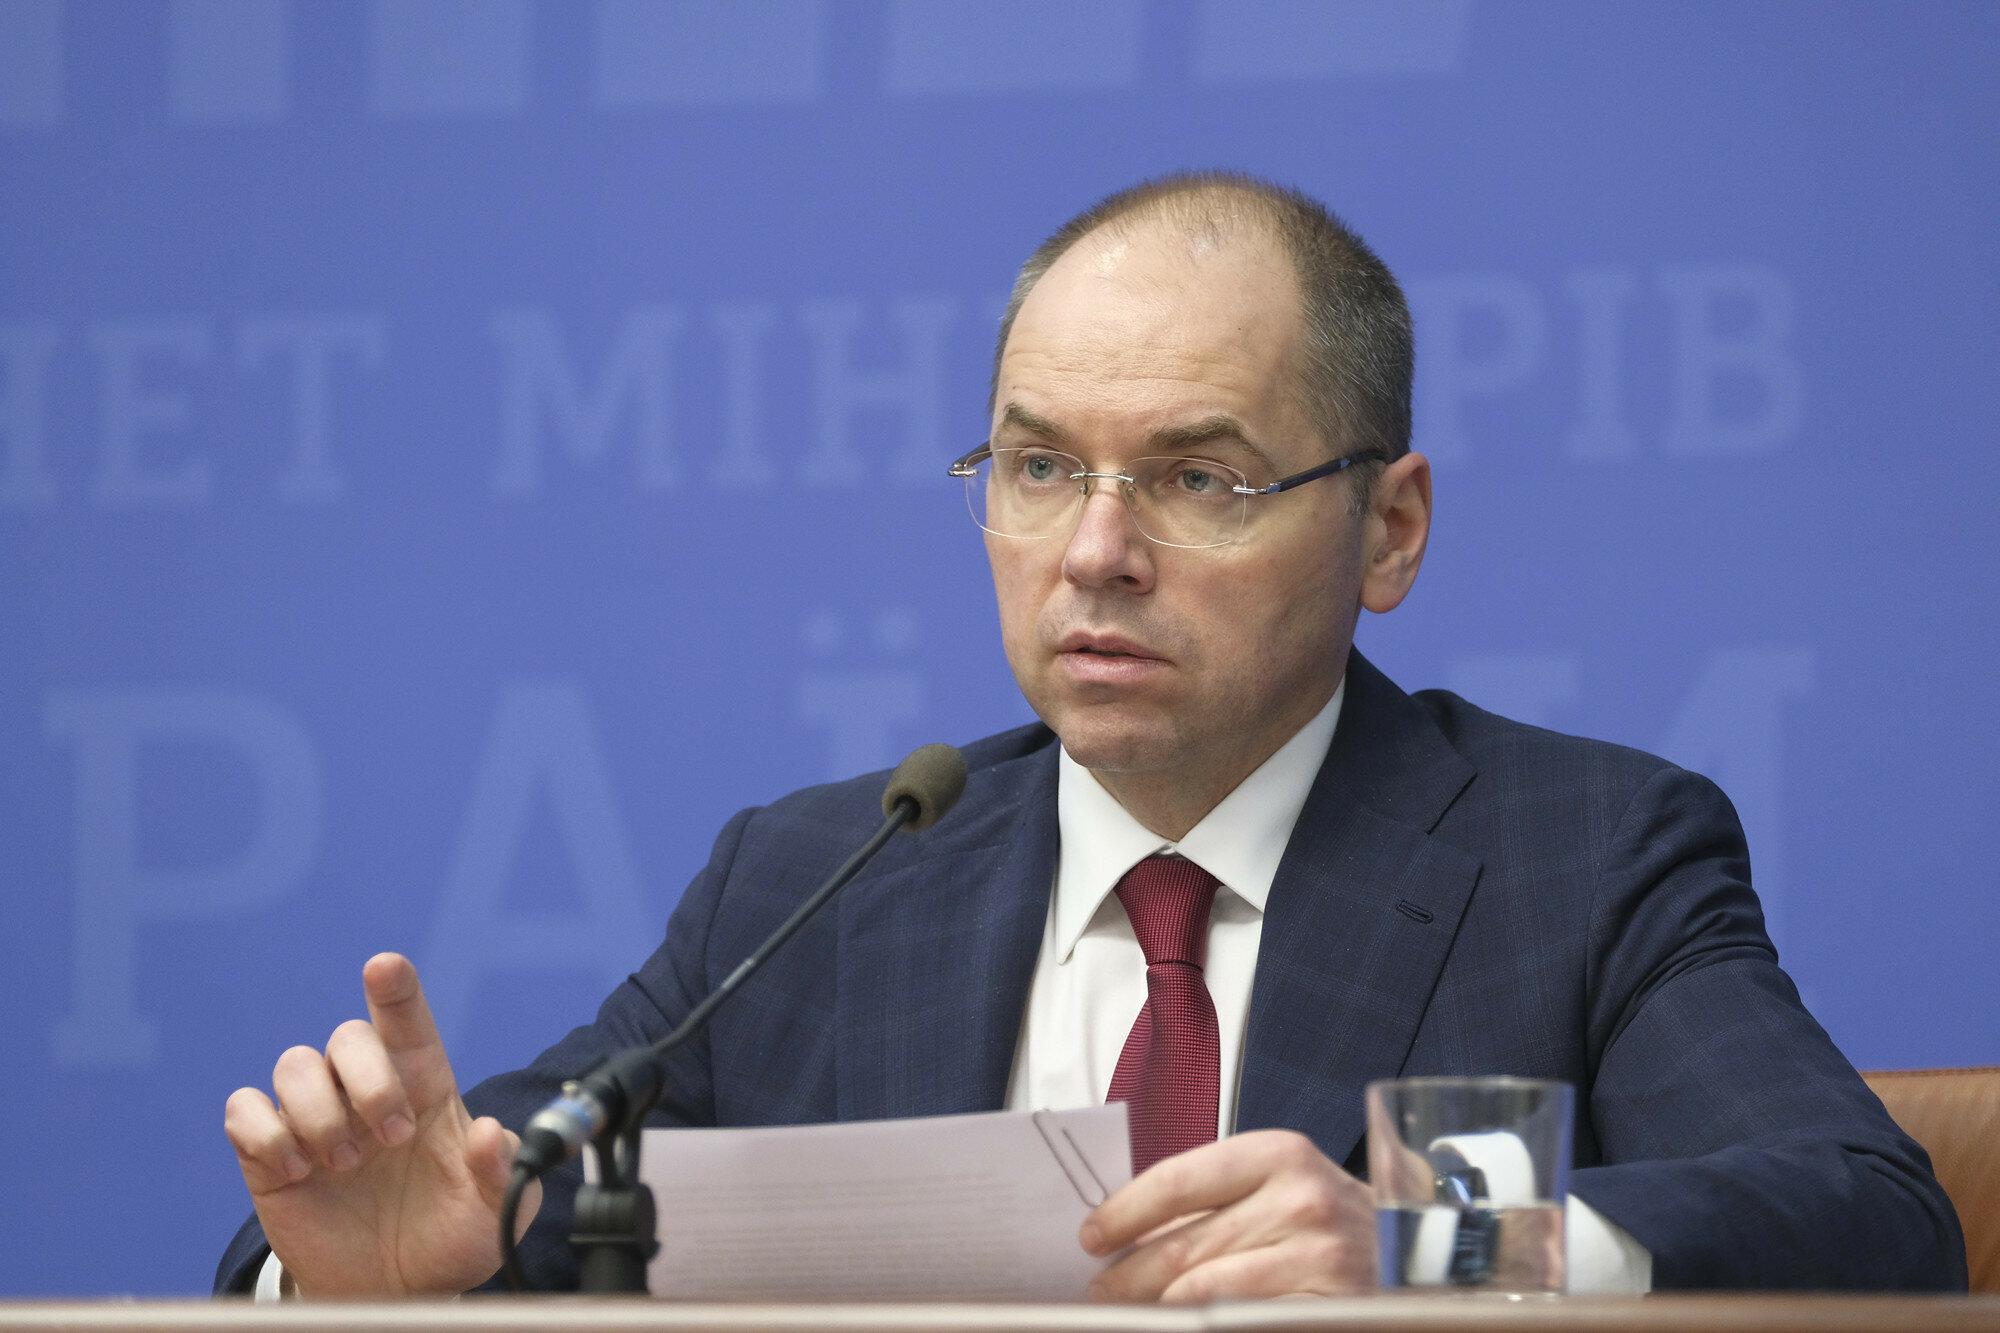 Степанов прокомментировал побочные эффекты вакцины AstraZeneca